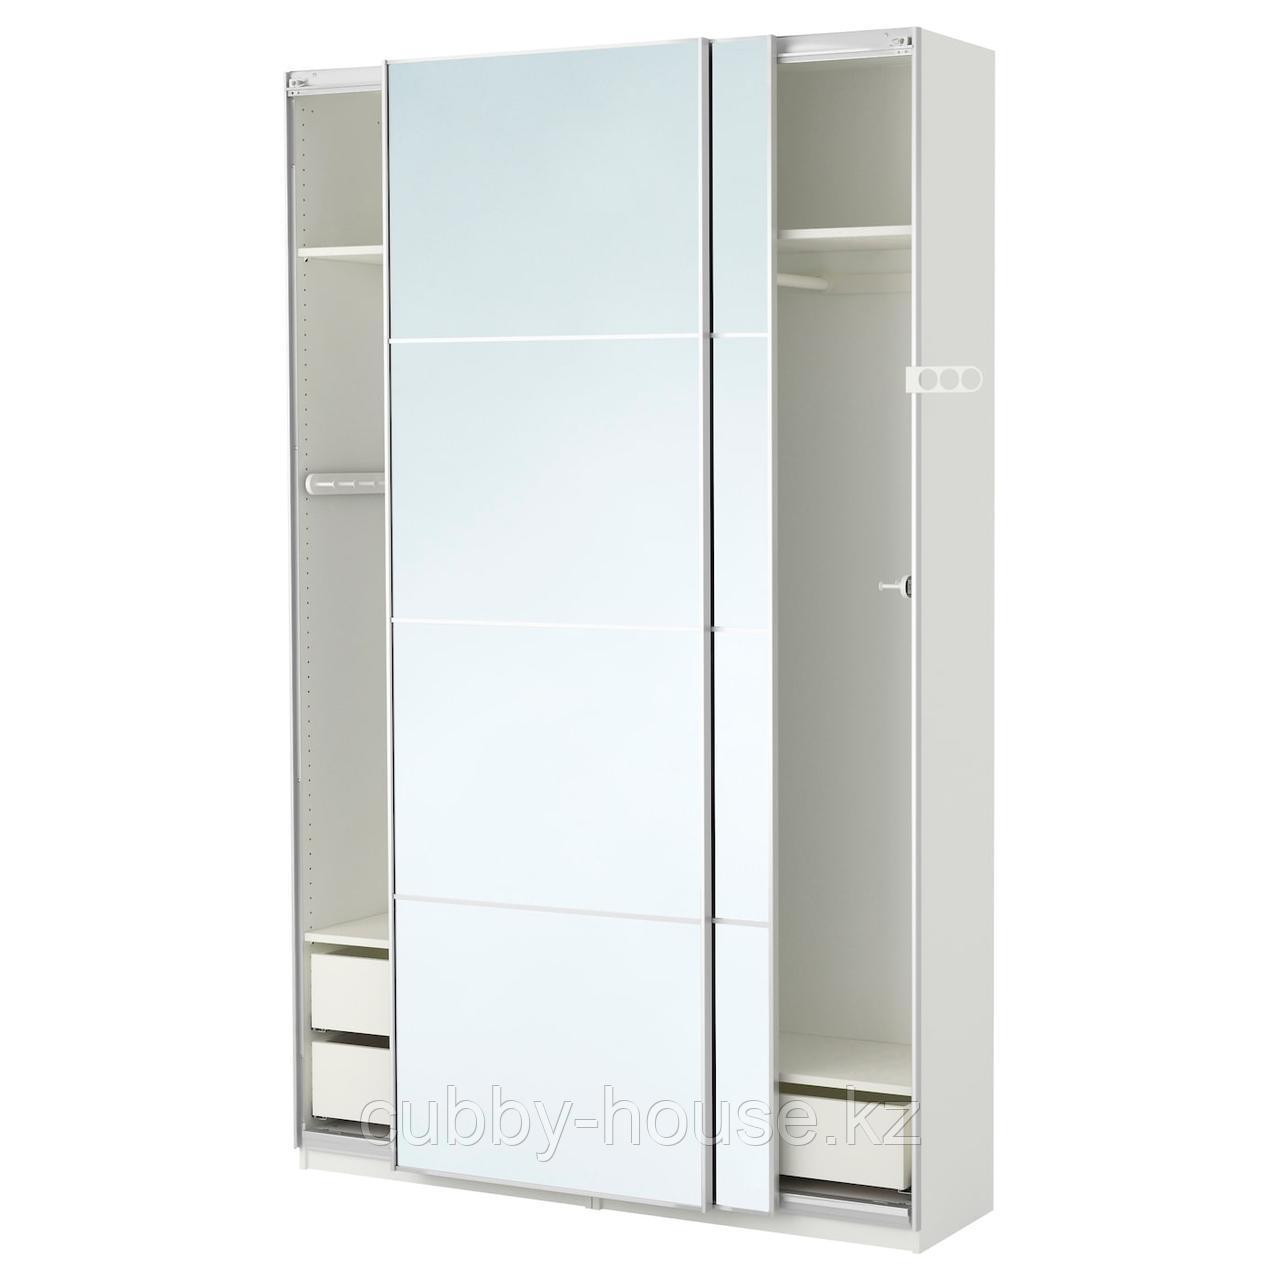 ПАКС Гардероб, белый, Аули зеркальное стекло, 150x44x236 см